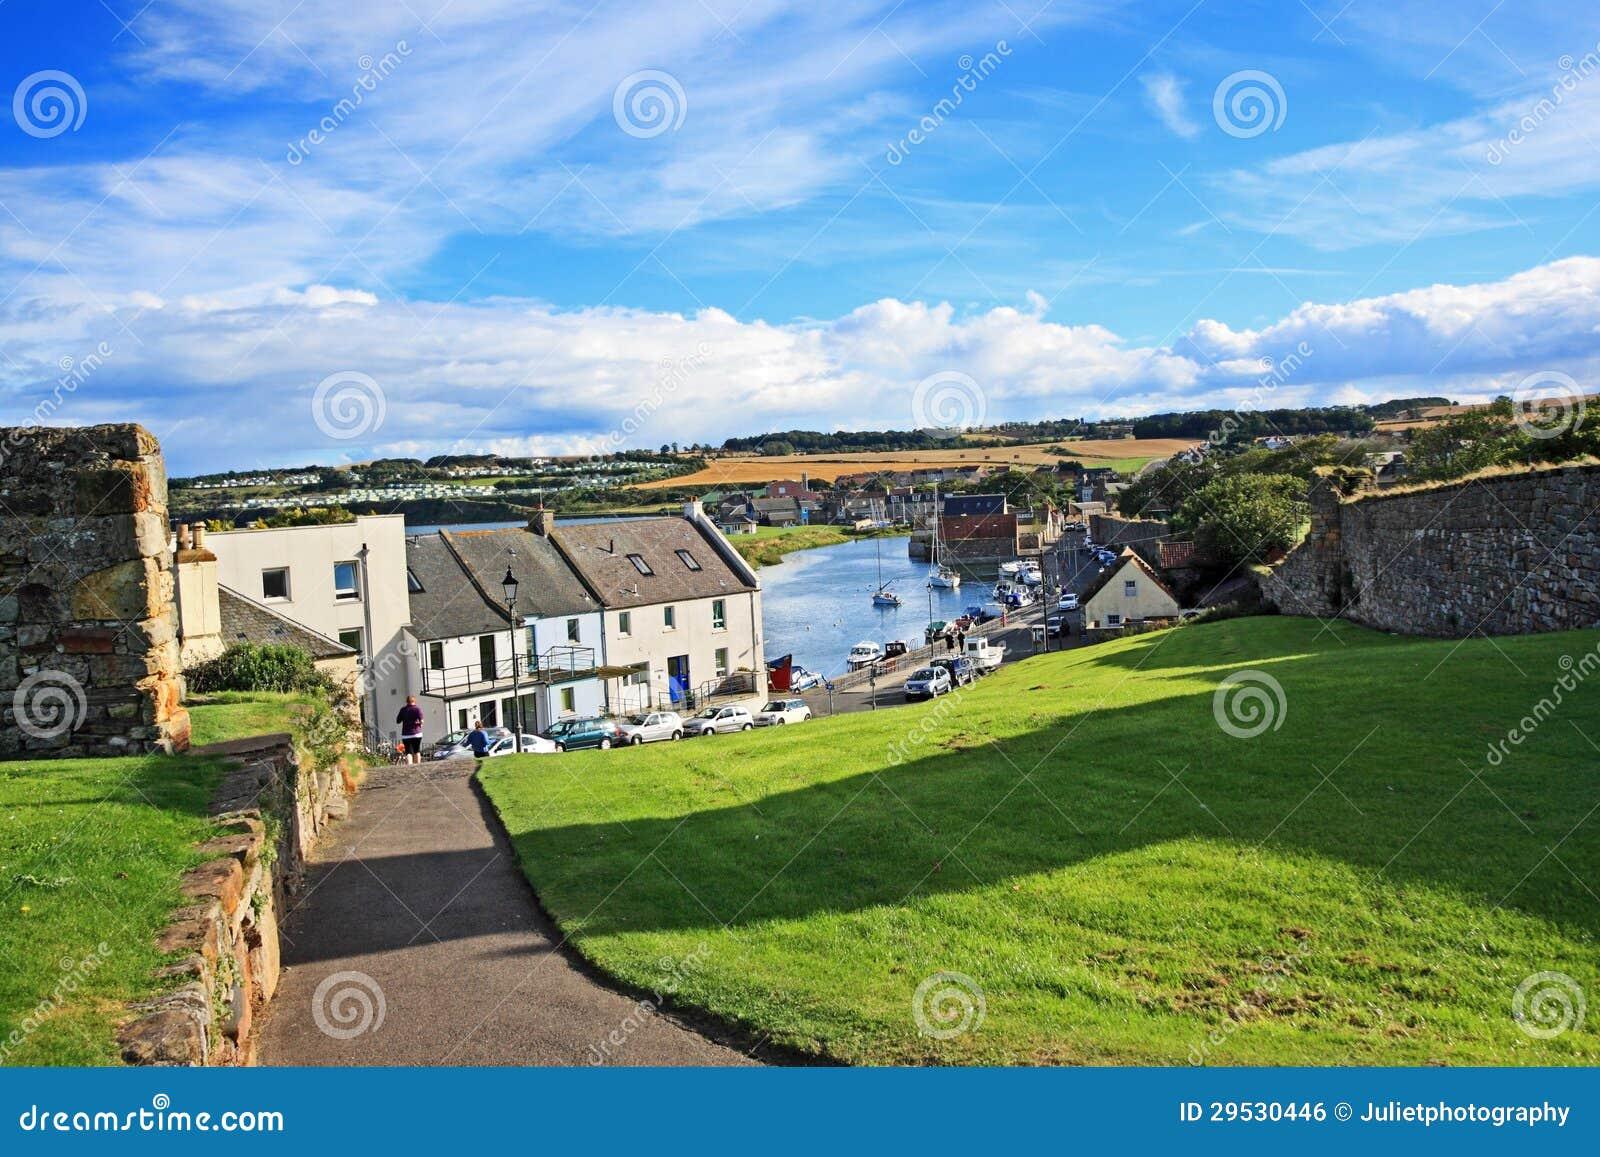 Panorama van St Andrews, Fife, Schotland